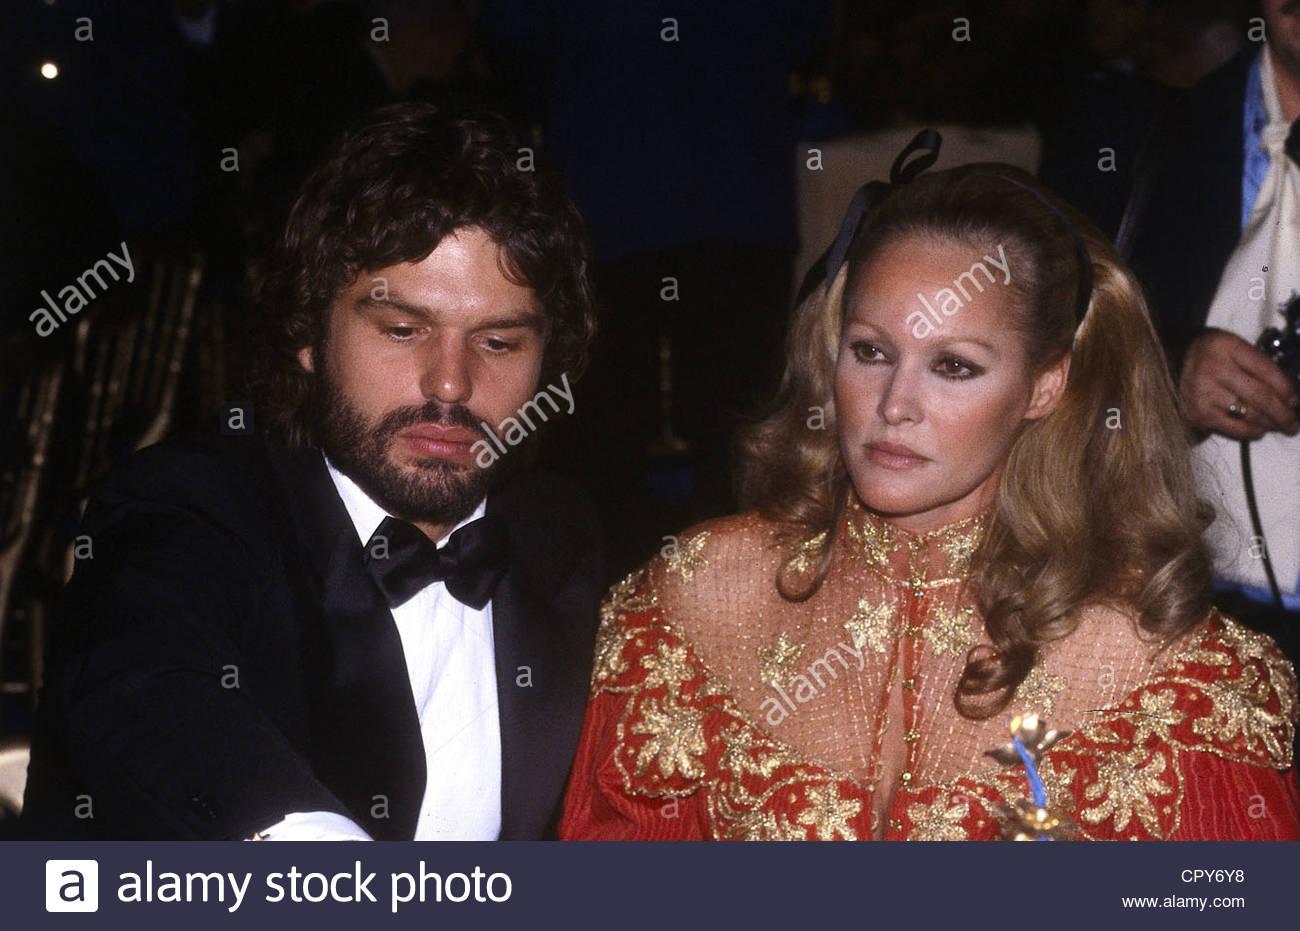 Andress, Ursula, * 19.3.1936, Swiss attrice, a mezza lunghezza e con il suo fidanzato Harry Hamlin, degli anni ottanta, Immagini Stock